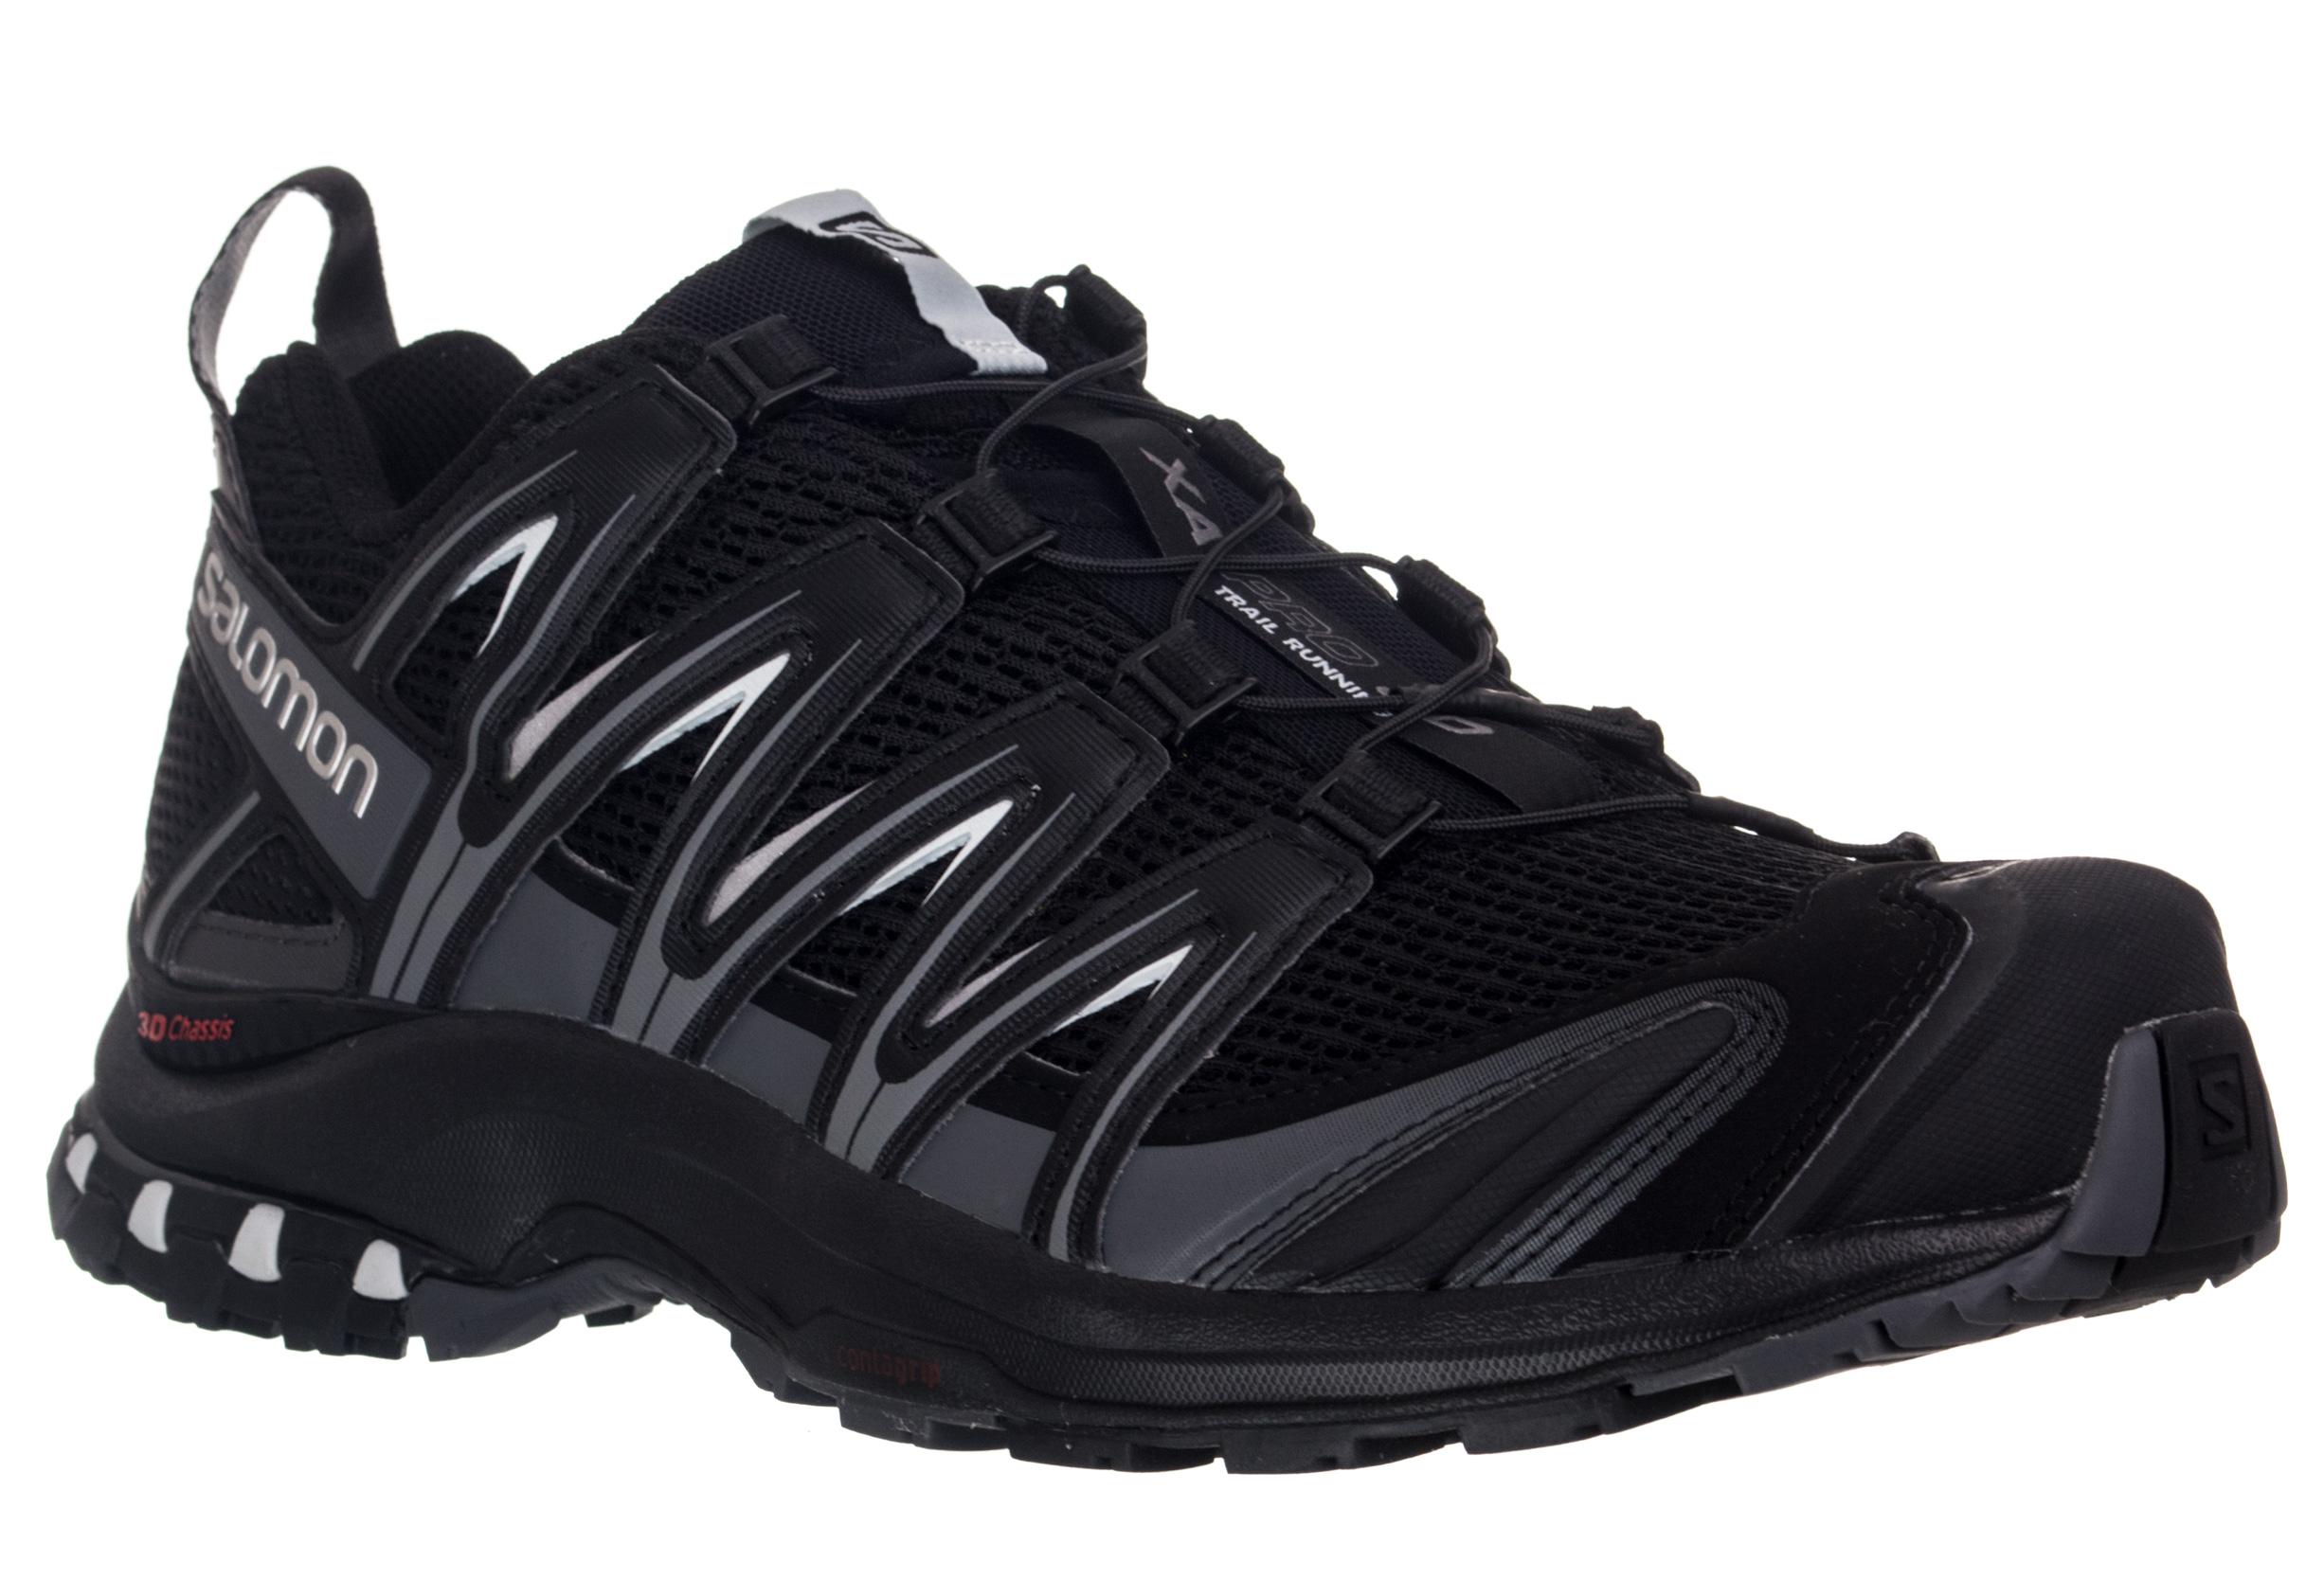 Zapatillas Salomon XA PRO 3D para Hombre Noir